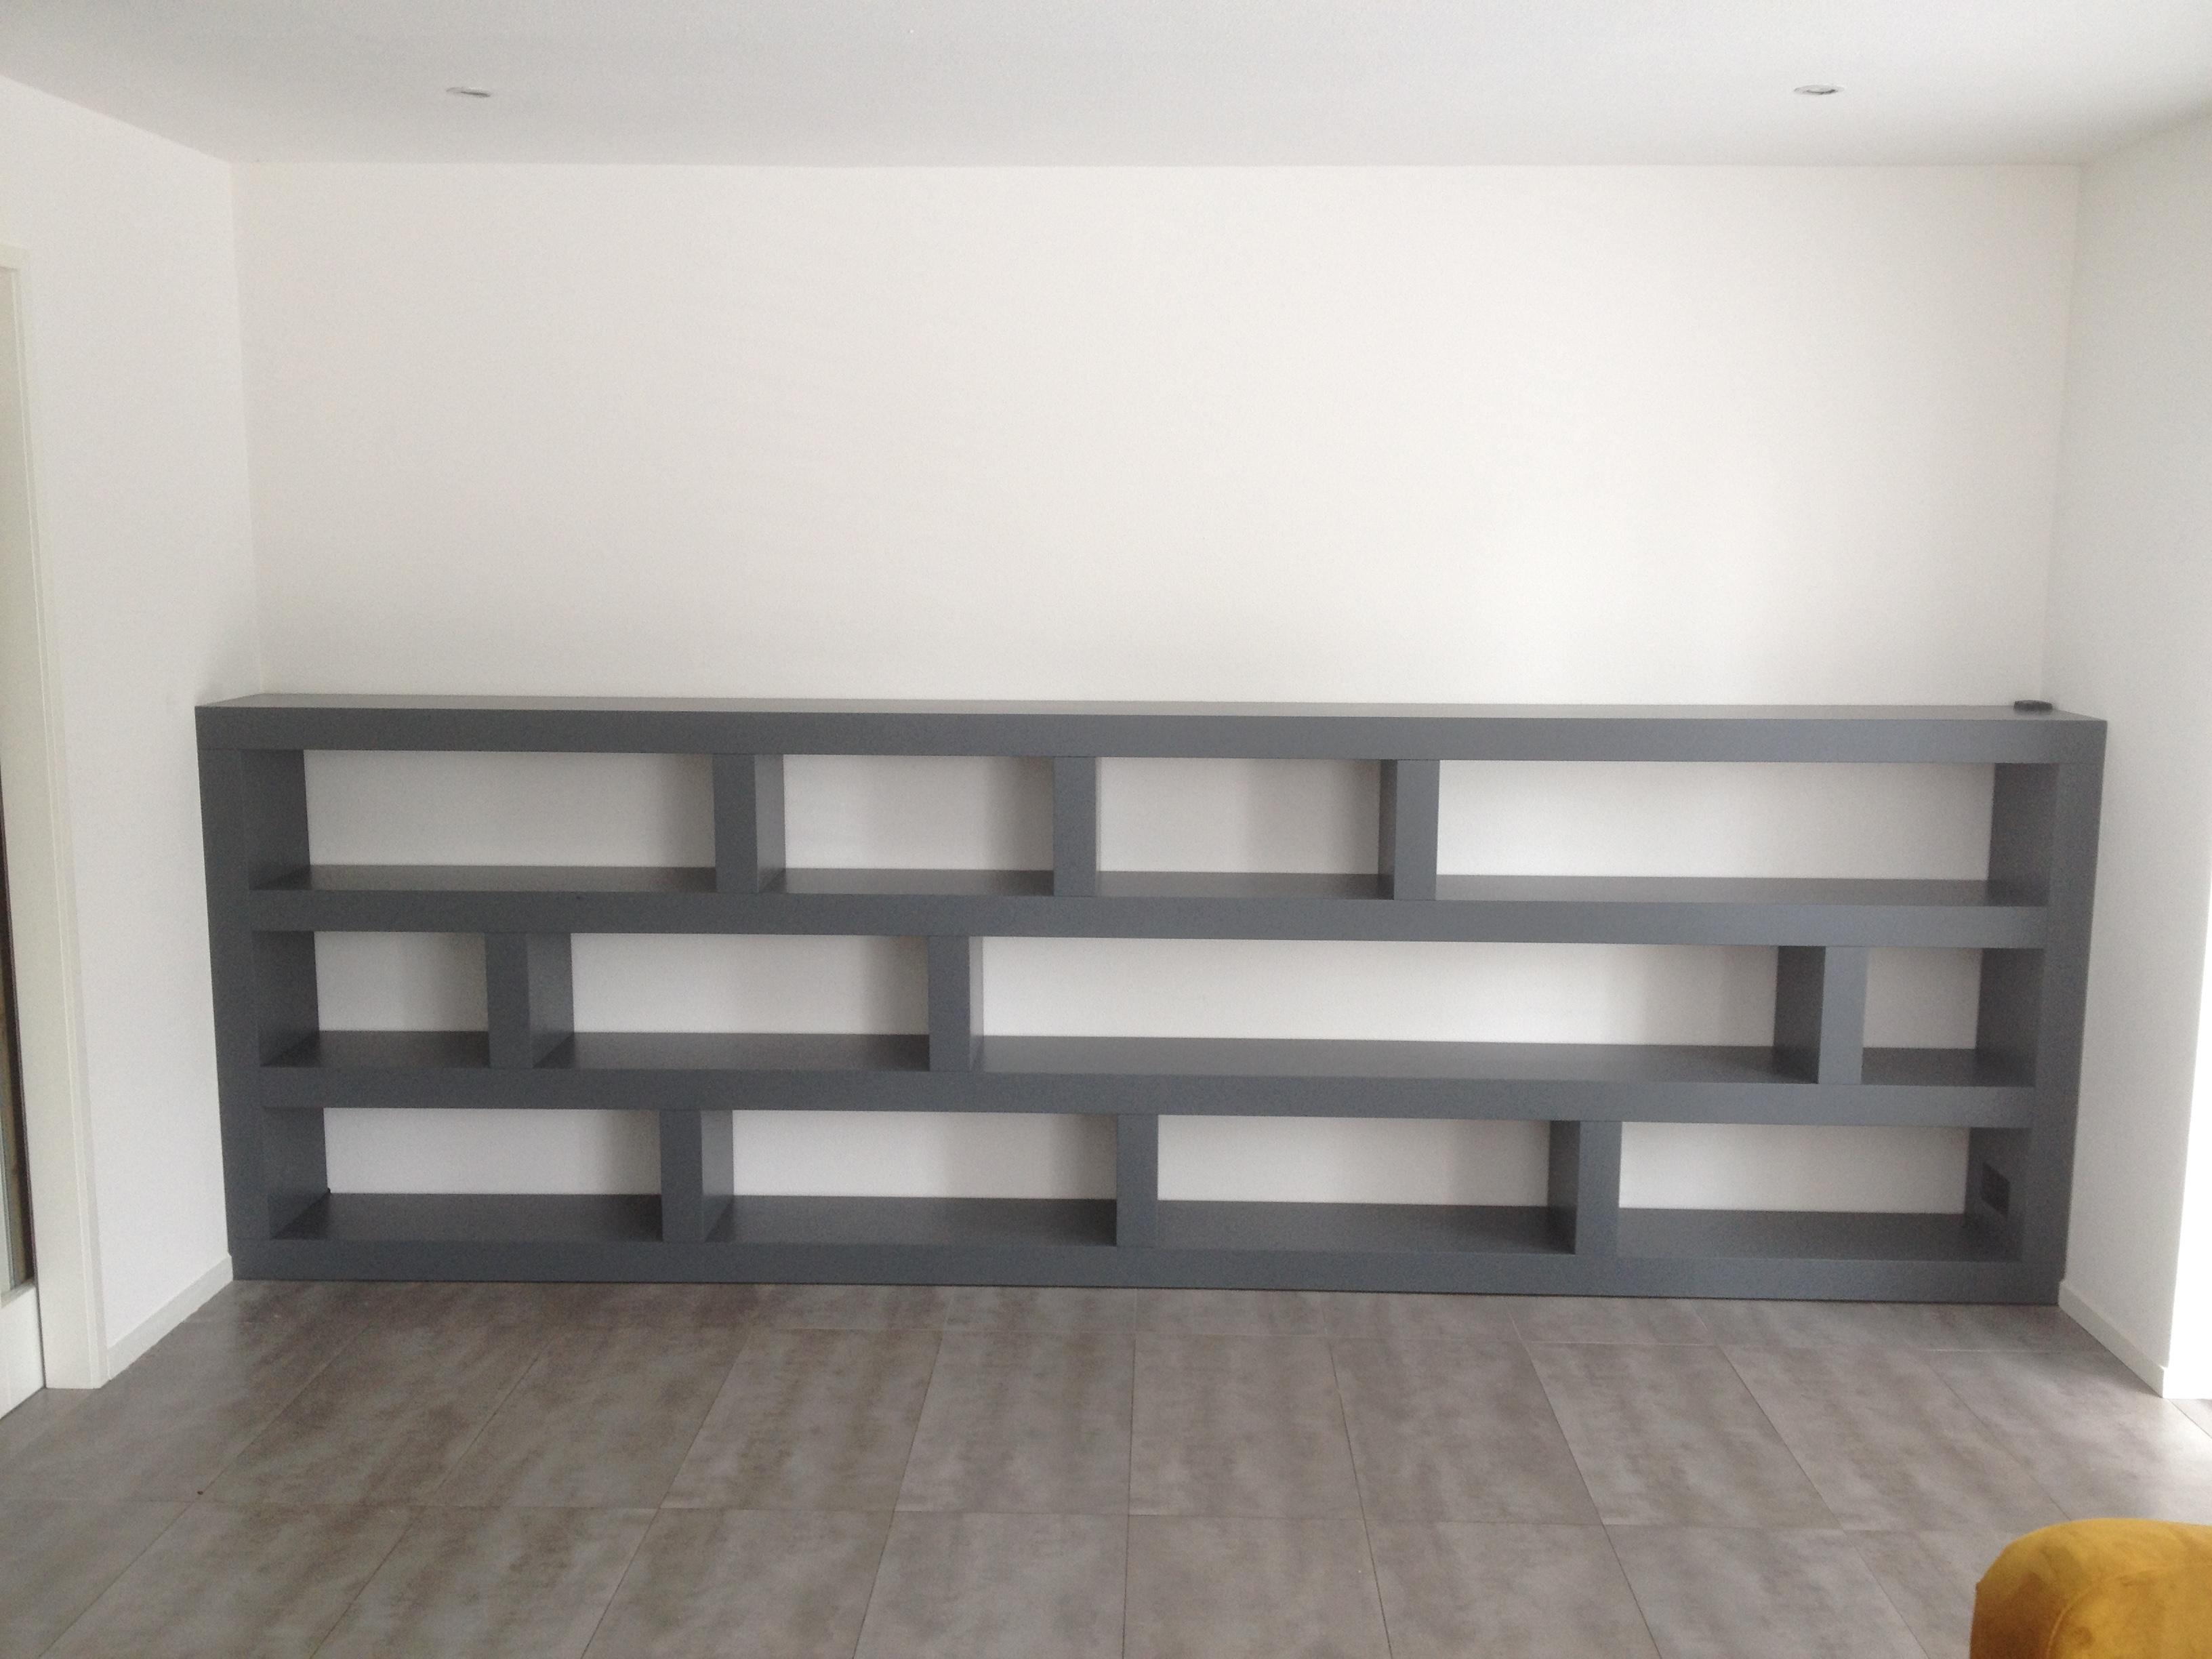 https://www.meubelmakerijmark.nl/wp-content/uploads/2016/10/Meubelmakerij-Mark-boekenkast-4-meter1.jpg